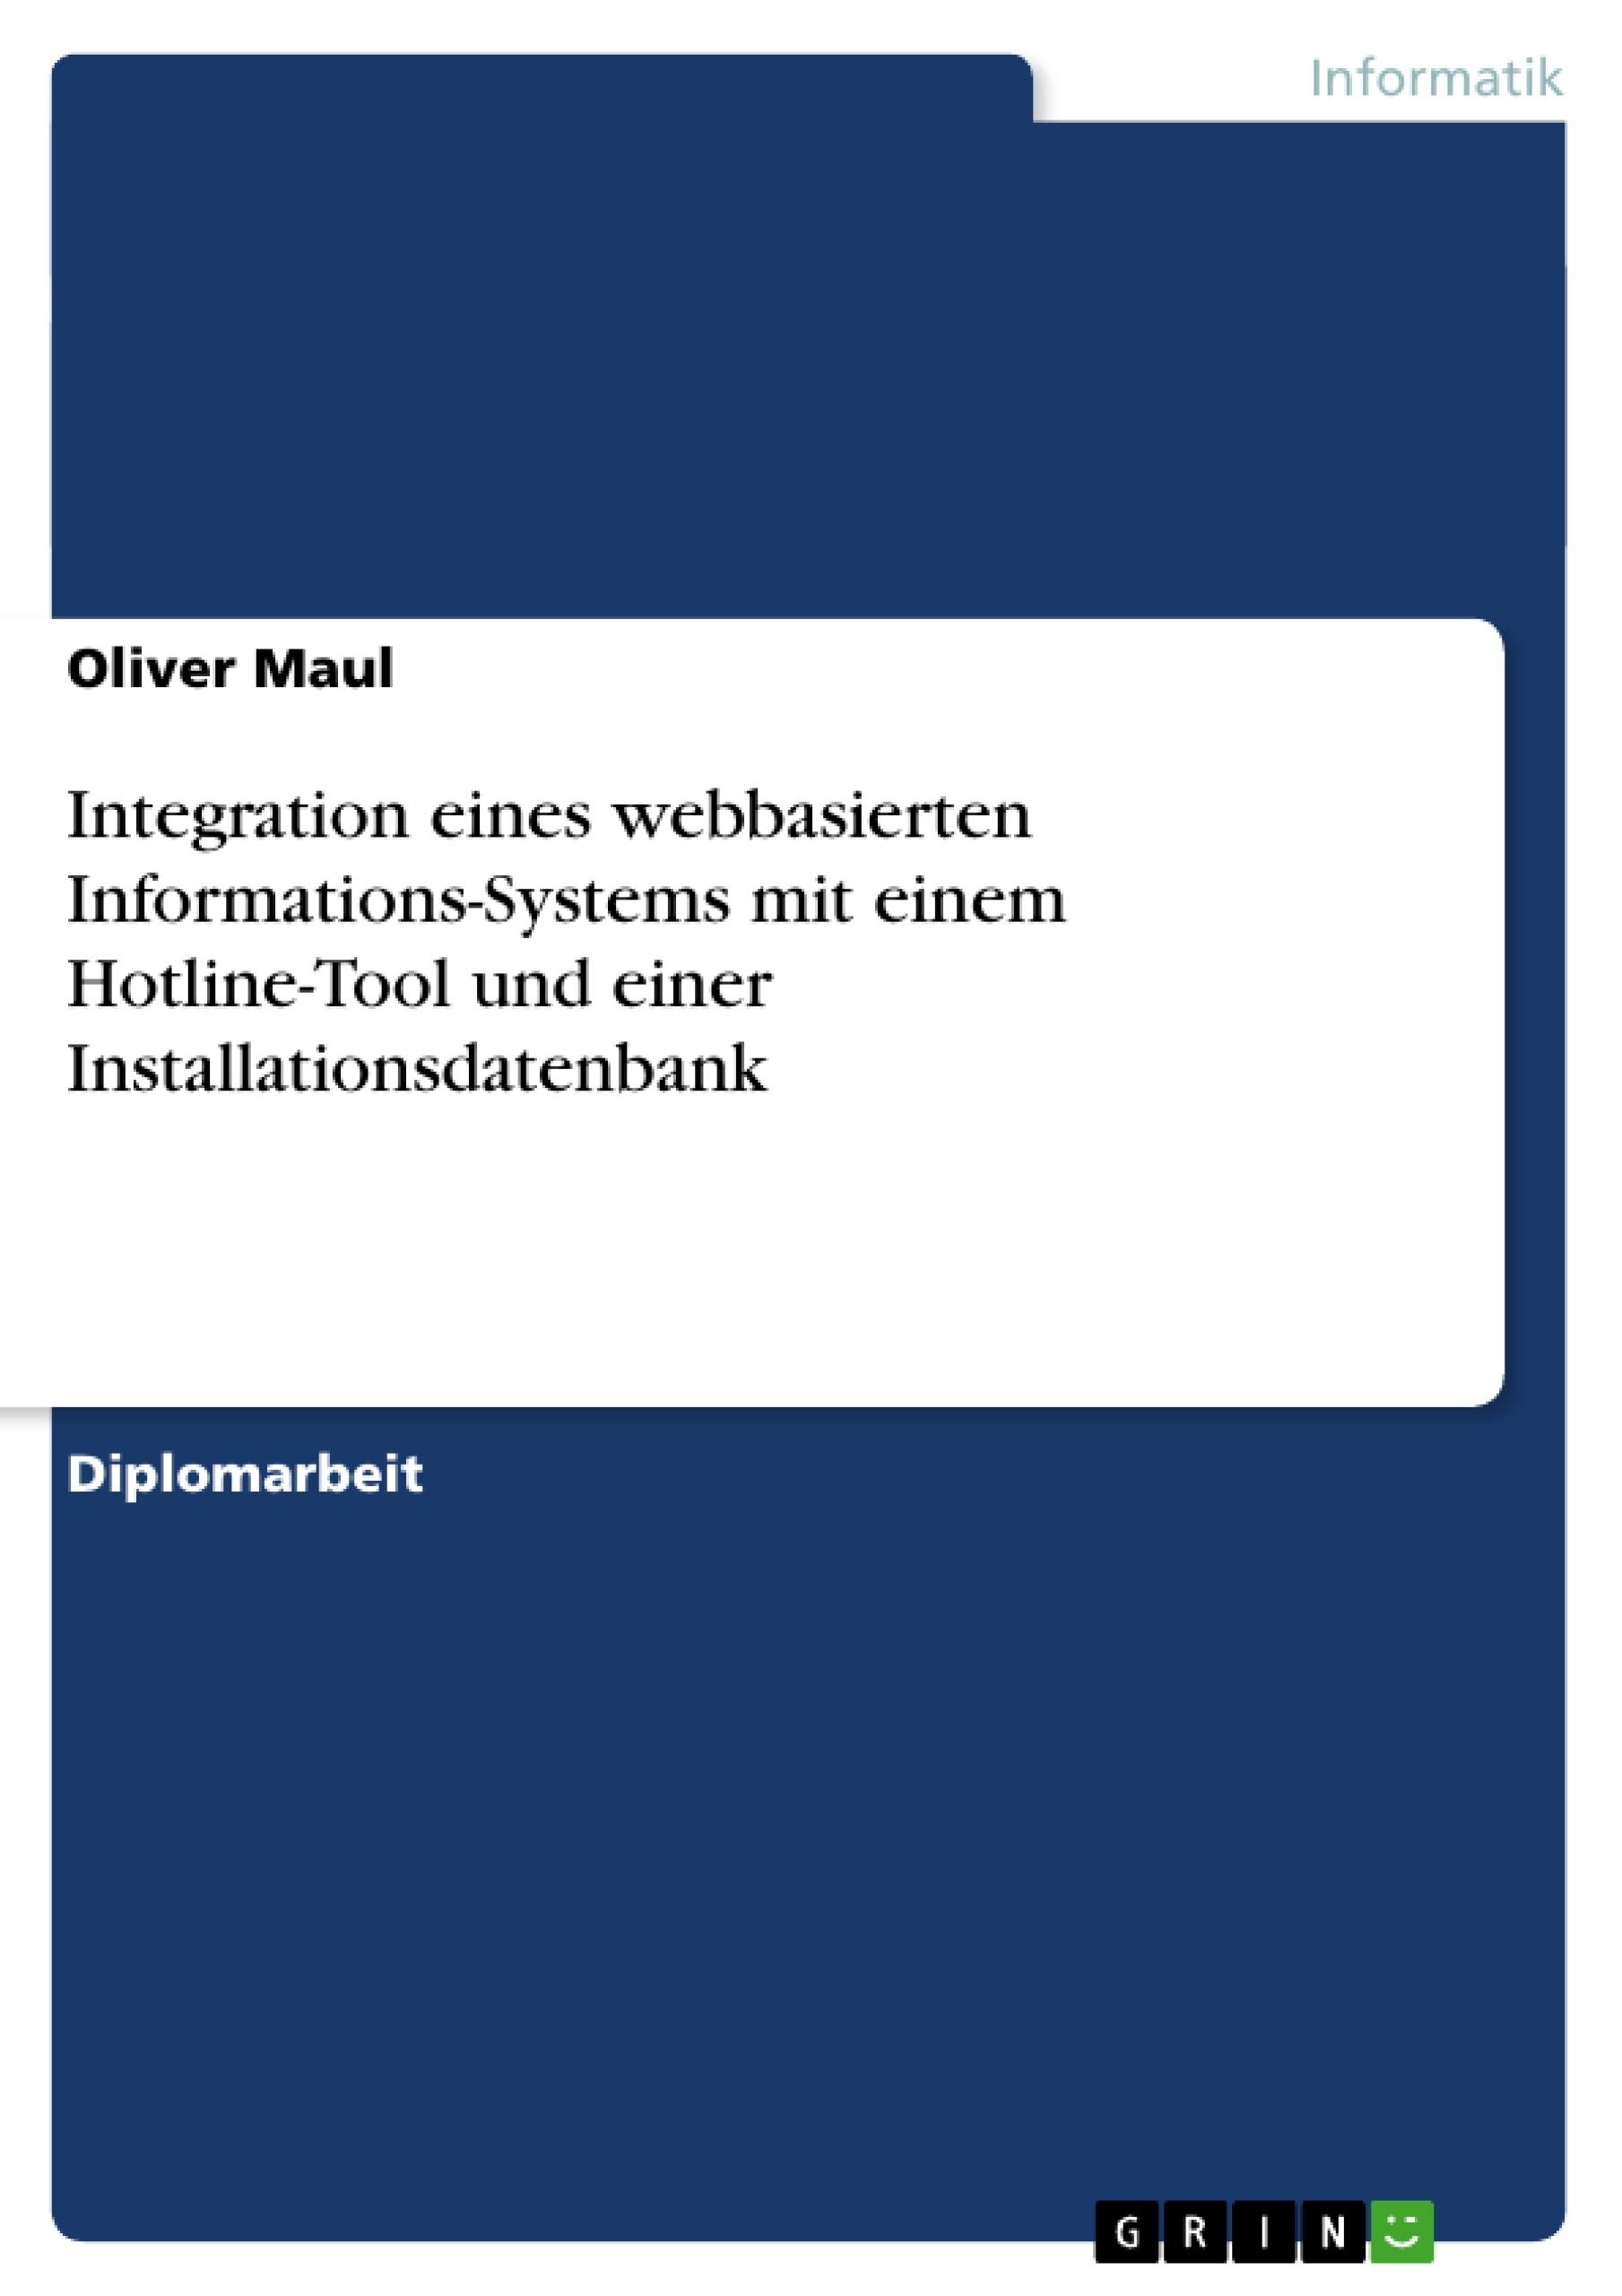 Titel: Integration eines webbasierten Informations-Systems mit einem Hotline-Tool und einer Installationsdatenbank